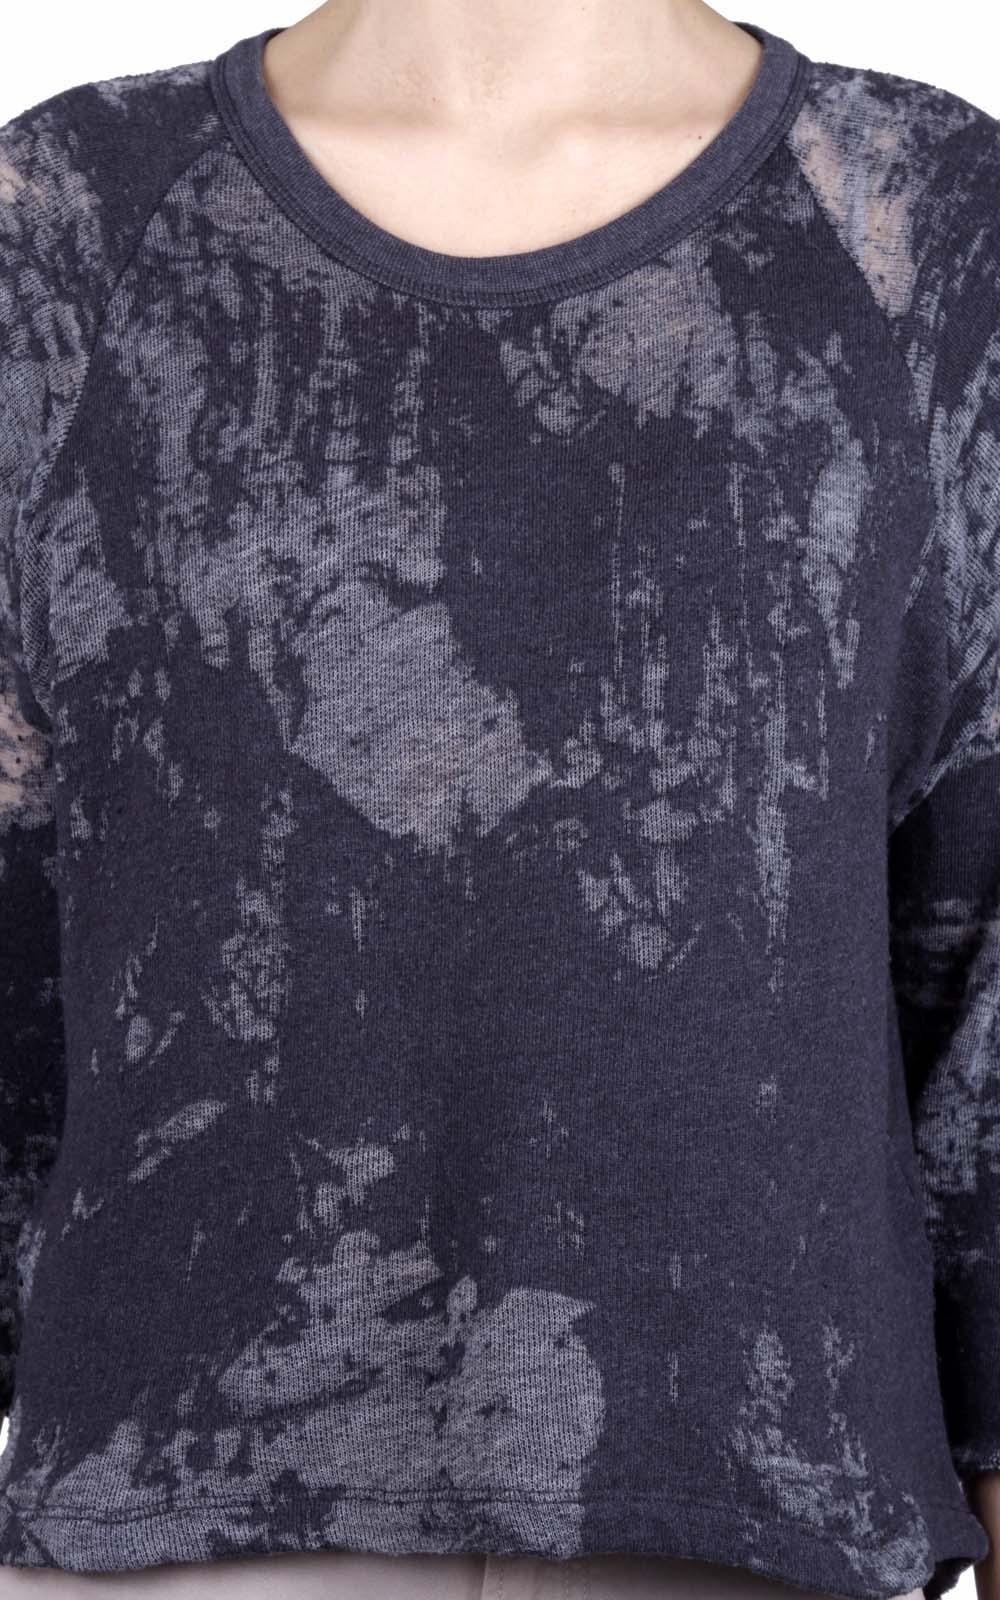 stampa a corrosione su tessuto